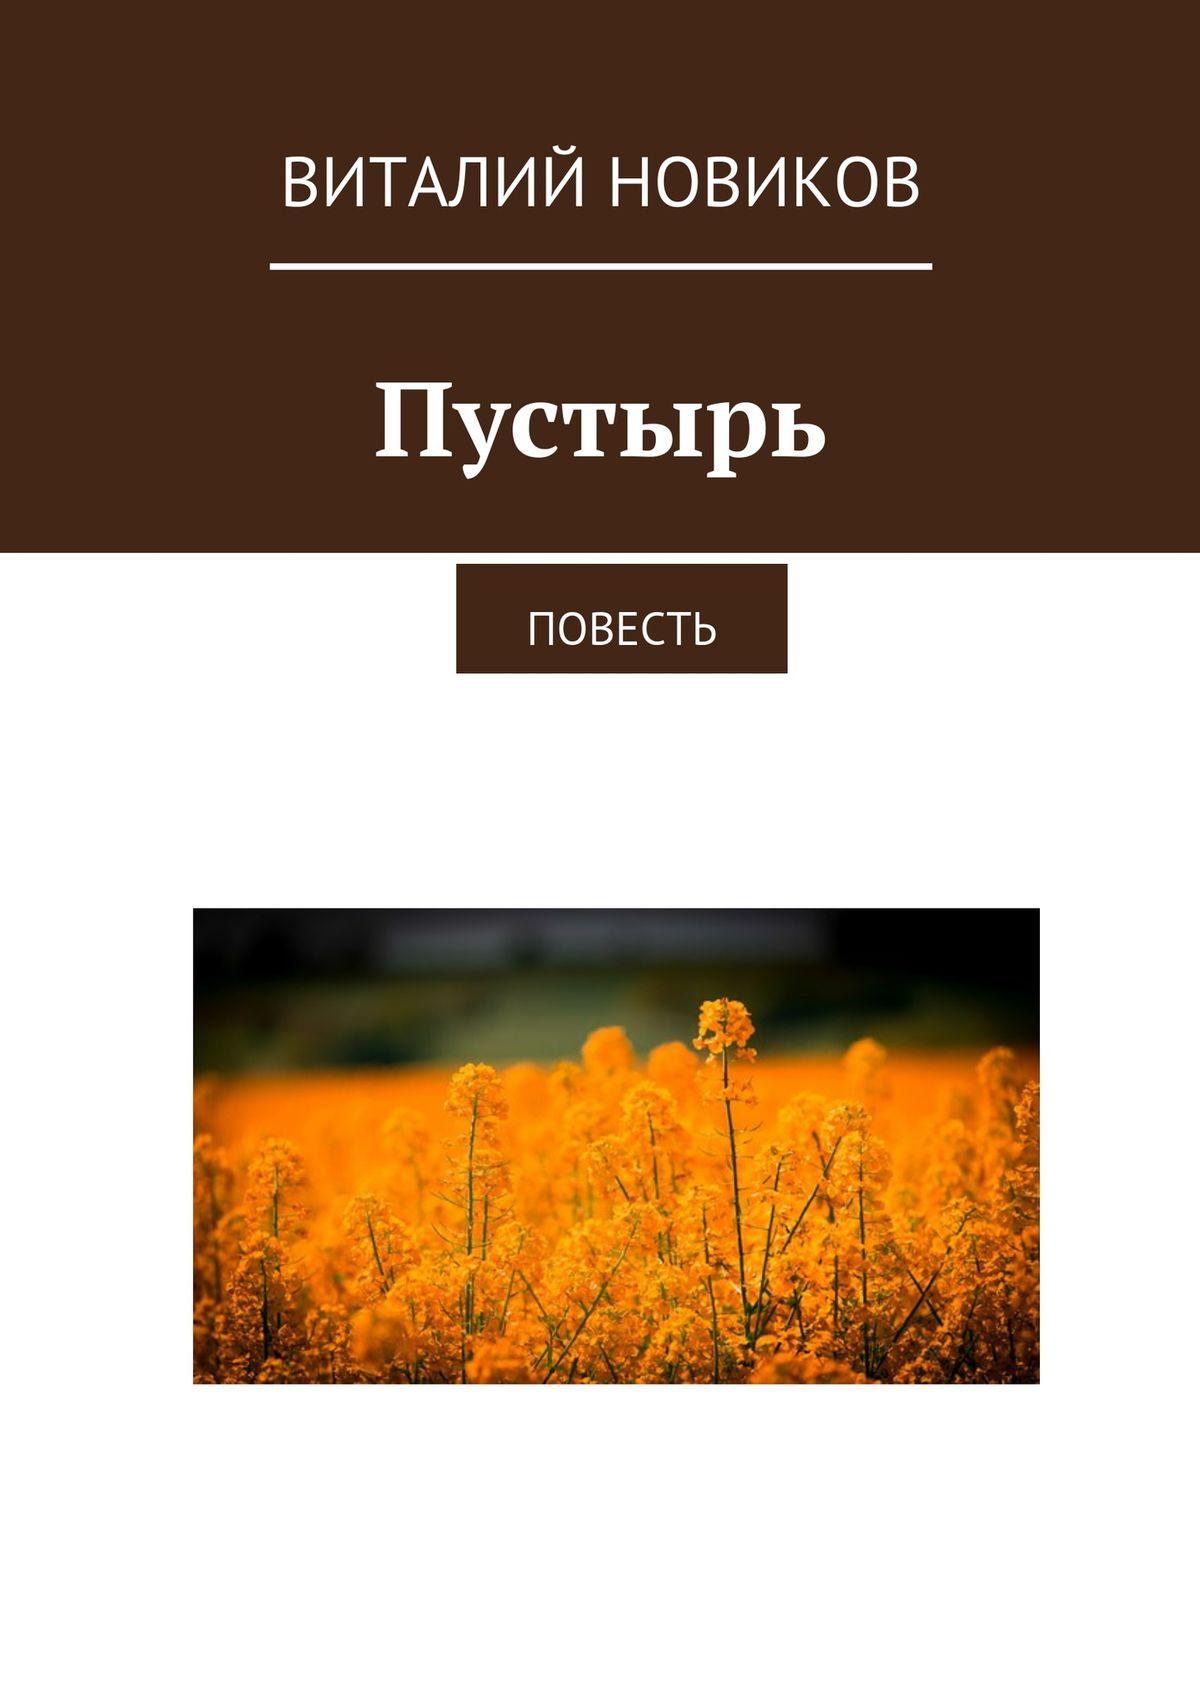 Виталий Новиков Пустырь. Повесть виталий новиков тёмное вино